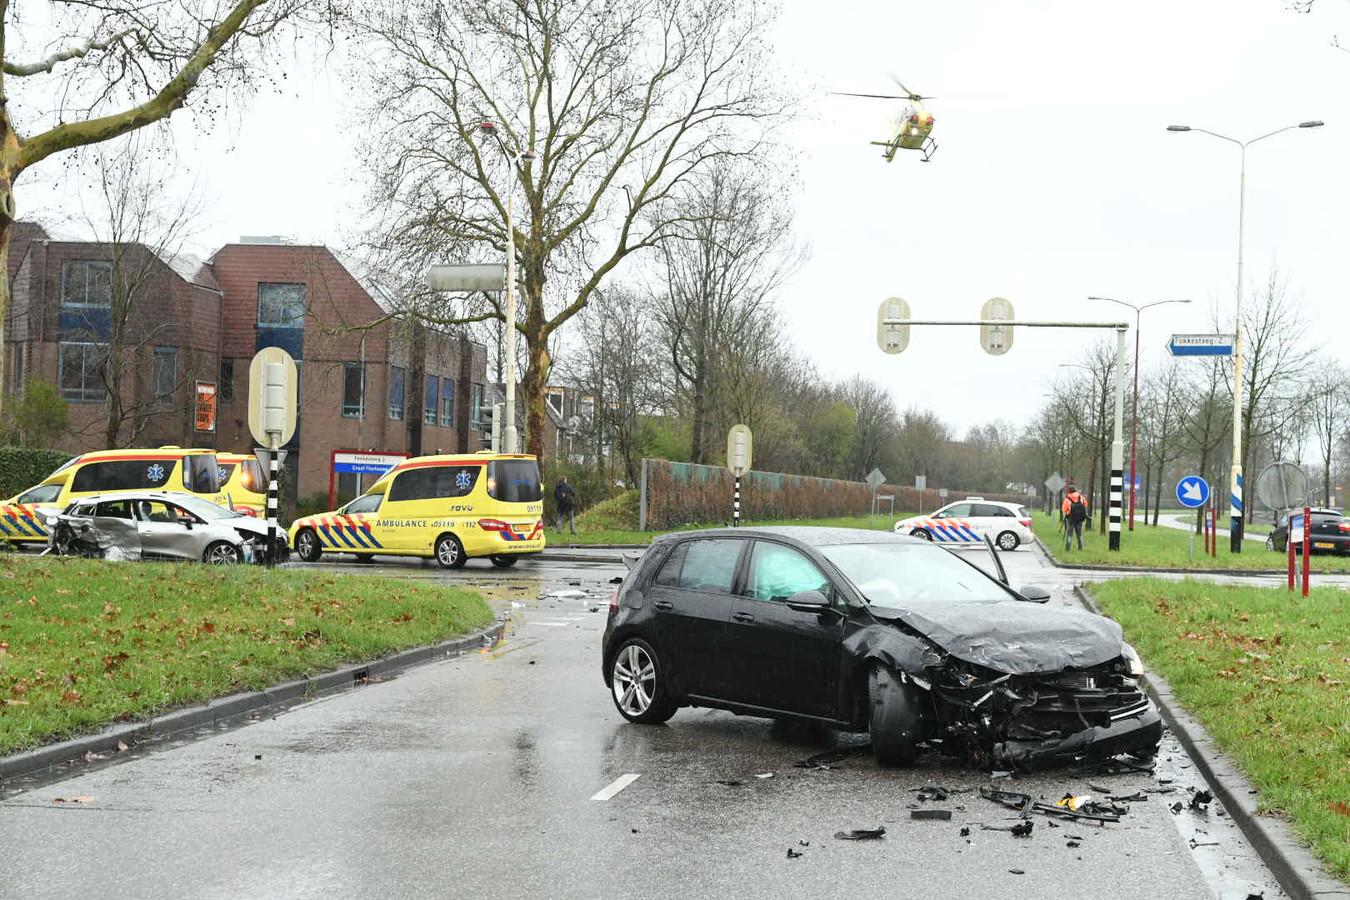 Bij een ongeluk op de kruising van de Graaf Florisweg en de 's-Gravenhoutseweg in Nieuwegein kwam in maart een 8-jarig kind om het leven.